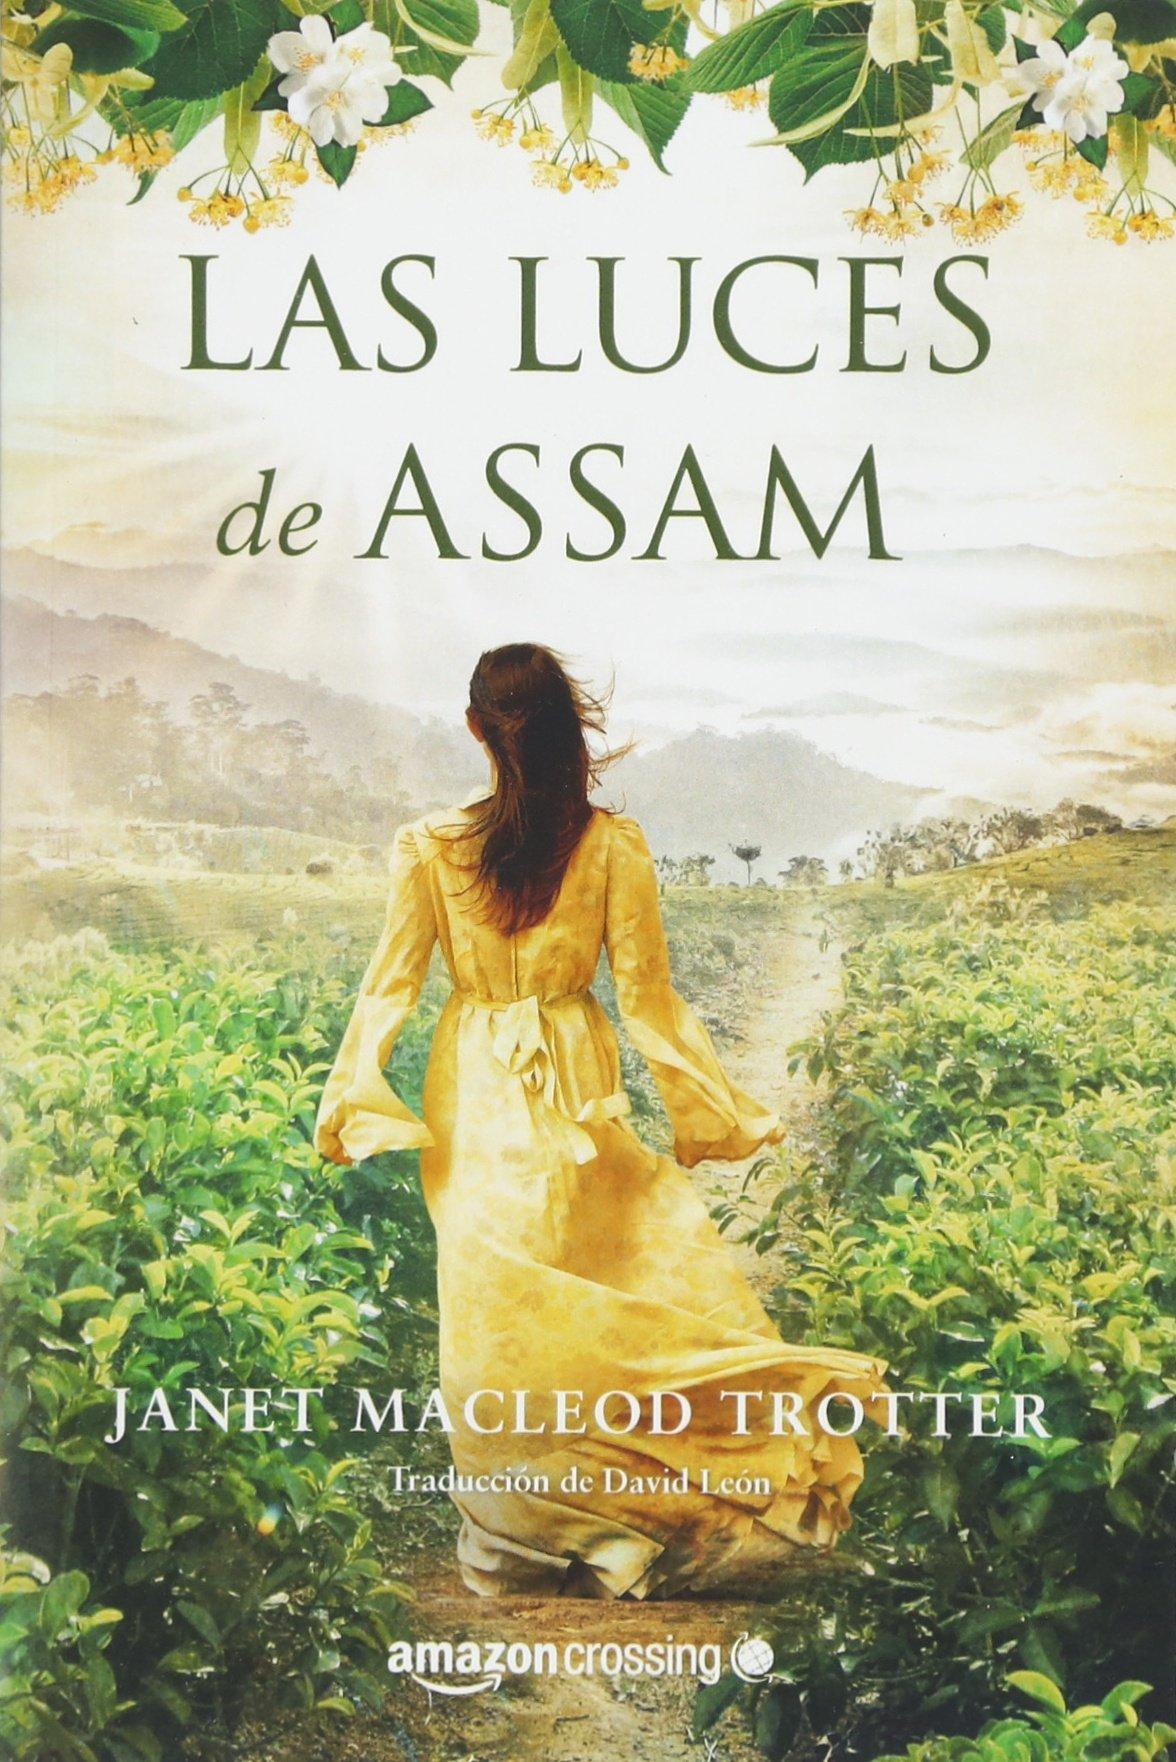 Las luces de Assam (Aromas de té): Amazon.es: Janet MacLeod Trotter, David  León: Libros